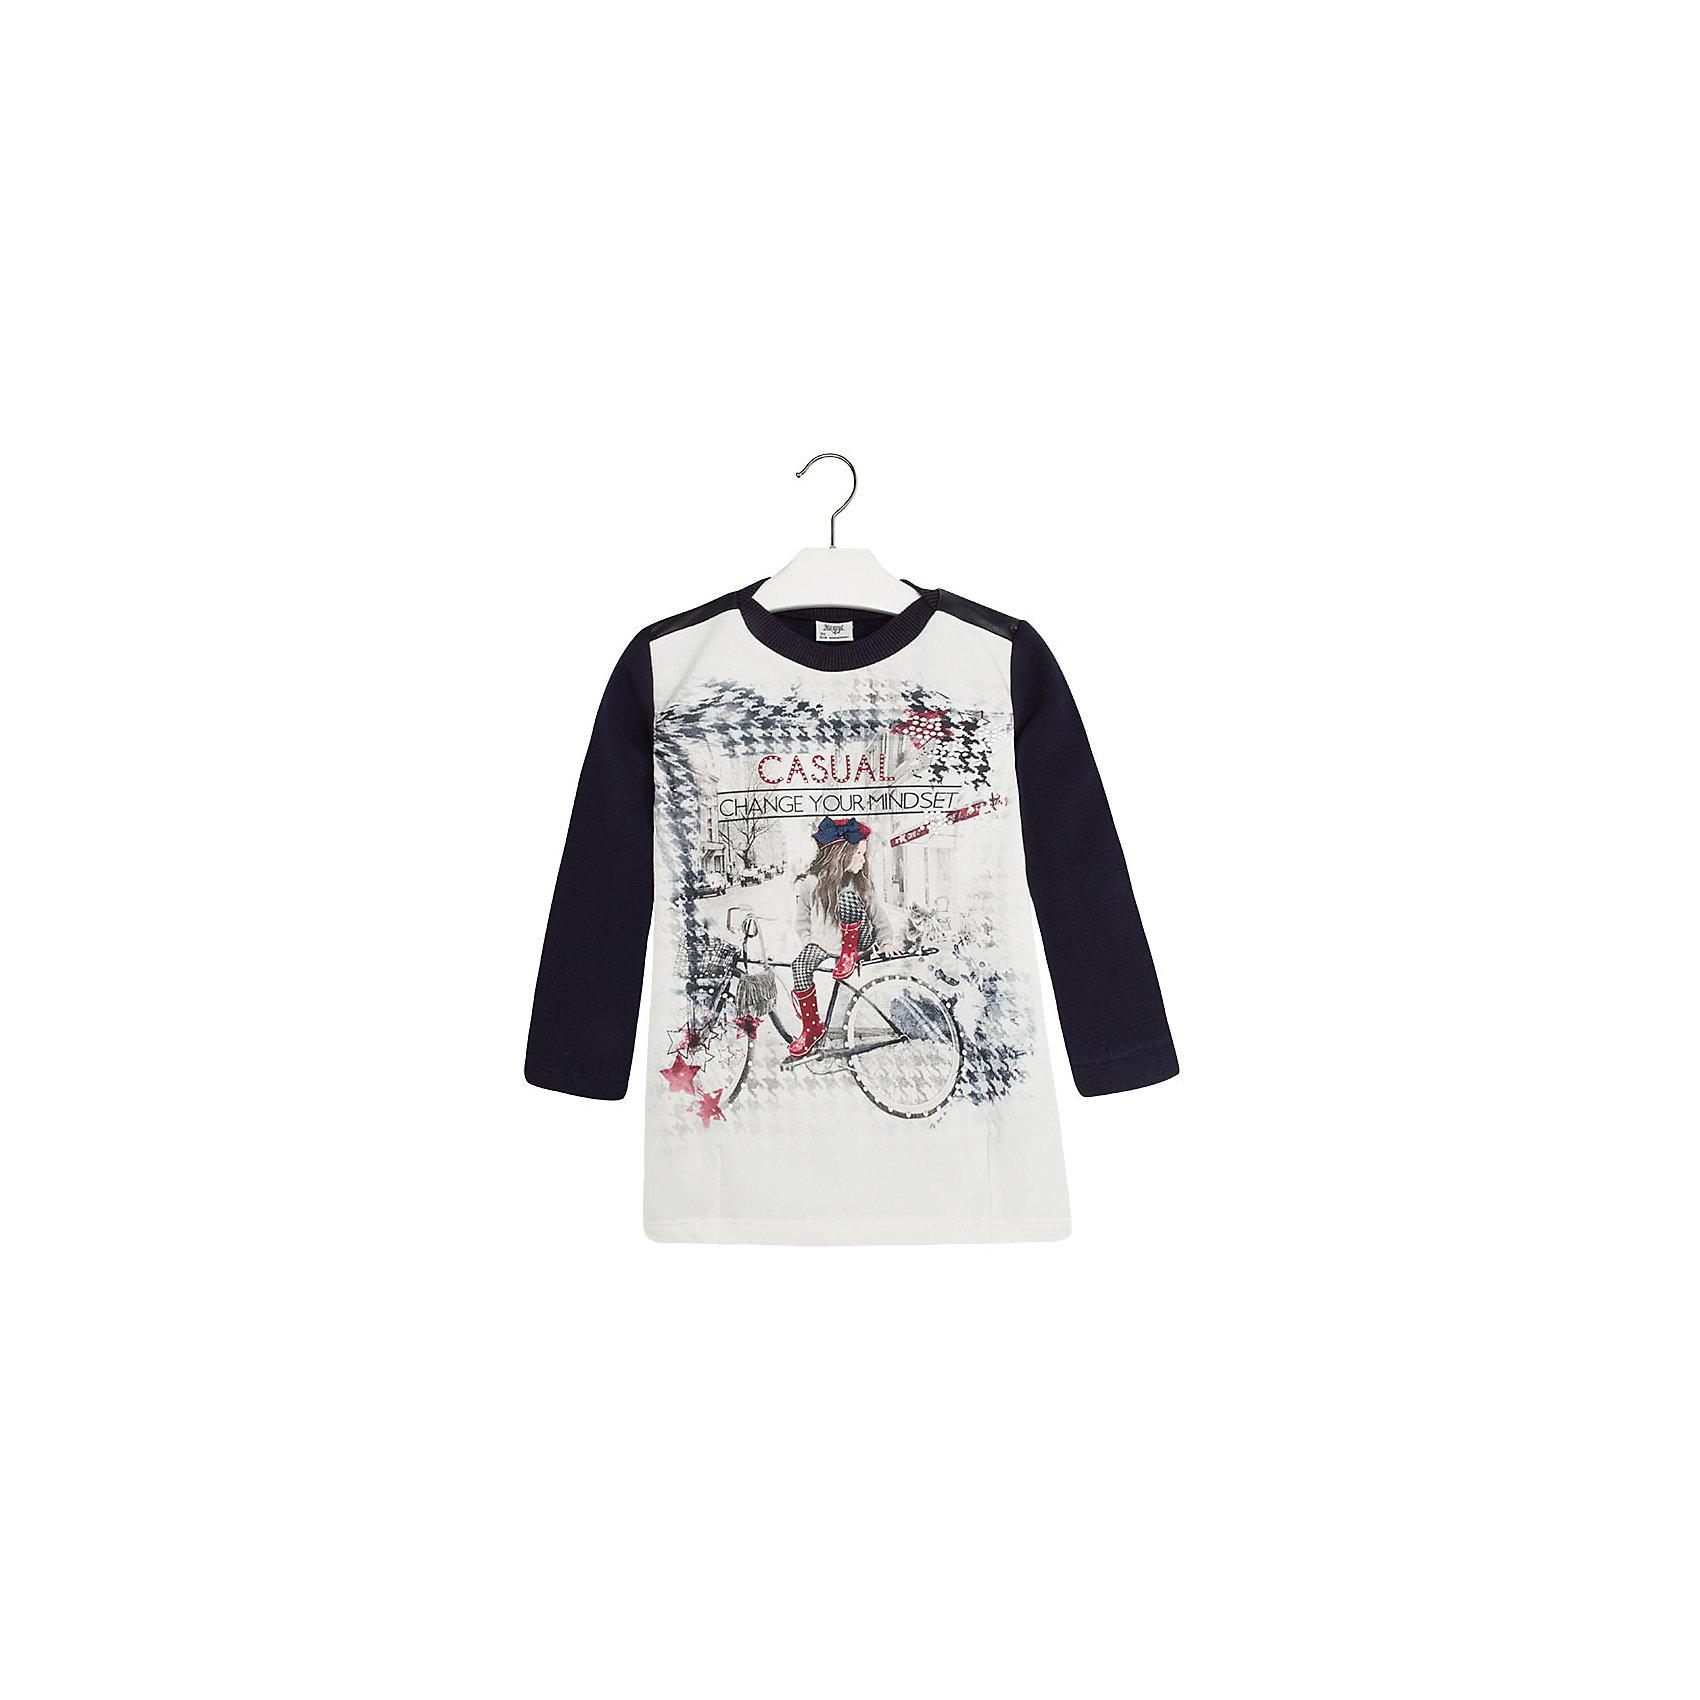 Платье MayoralПлатье для девочки от известной испанской марки Mayoral.<br>Модное платье от известного бренда Mayoral поможет девочке создать и повседневный, и нарядный образ. Удобный крой и качественный материал обеспечит ребенку комфорт при ношении этой вещи.<br>Модель имеет следующие особенности:<br><br>- цвет – темно-синий;<br>- полочка с принтом (девочка на велосипеде);<br>- принт украшен металлизированными элементами;<br>- круглый вырез;<br>- длинные рукава;<br>- на плечах - кожаные вставки.<br><br>Состав: 95% Хлопок, 5% Эластан<br><br>Уход за изделием:<br><br>• стирка в машине при температуре до 30°С,<br>• не отбеливать,<br>• гладить на низкой температуре.<br><br>Платье для девочки Mayoral (Майорал) можно купить в нашем магазине.<br><br>Ширина мм: 236<br>Глубина мм: 16<br>Высота мм: 184<br>Вес г: 177<br>Цвет: синий<br>Возраст от месяцев: 48<br>Возраст до месяцев: 60<br>Пол: Женский<br>Возраст: Детский<br>Размер: 110,104,98,92,116,122,134,128<br>SKU: 4192269